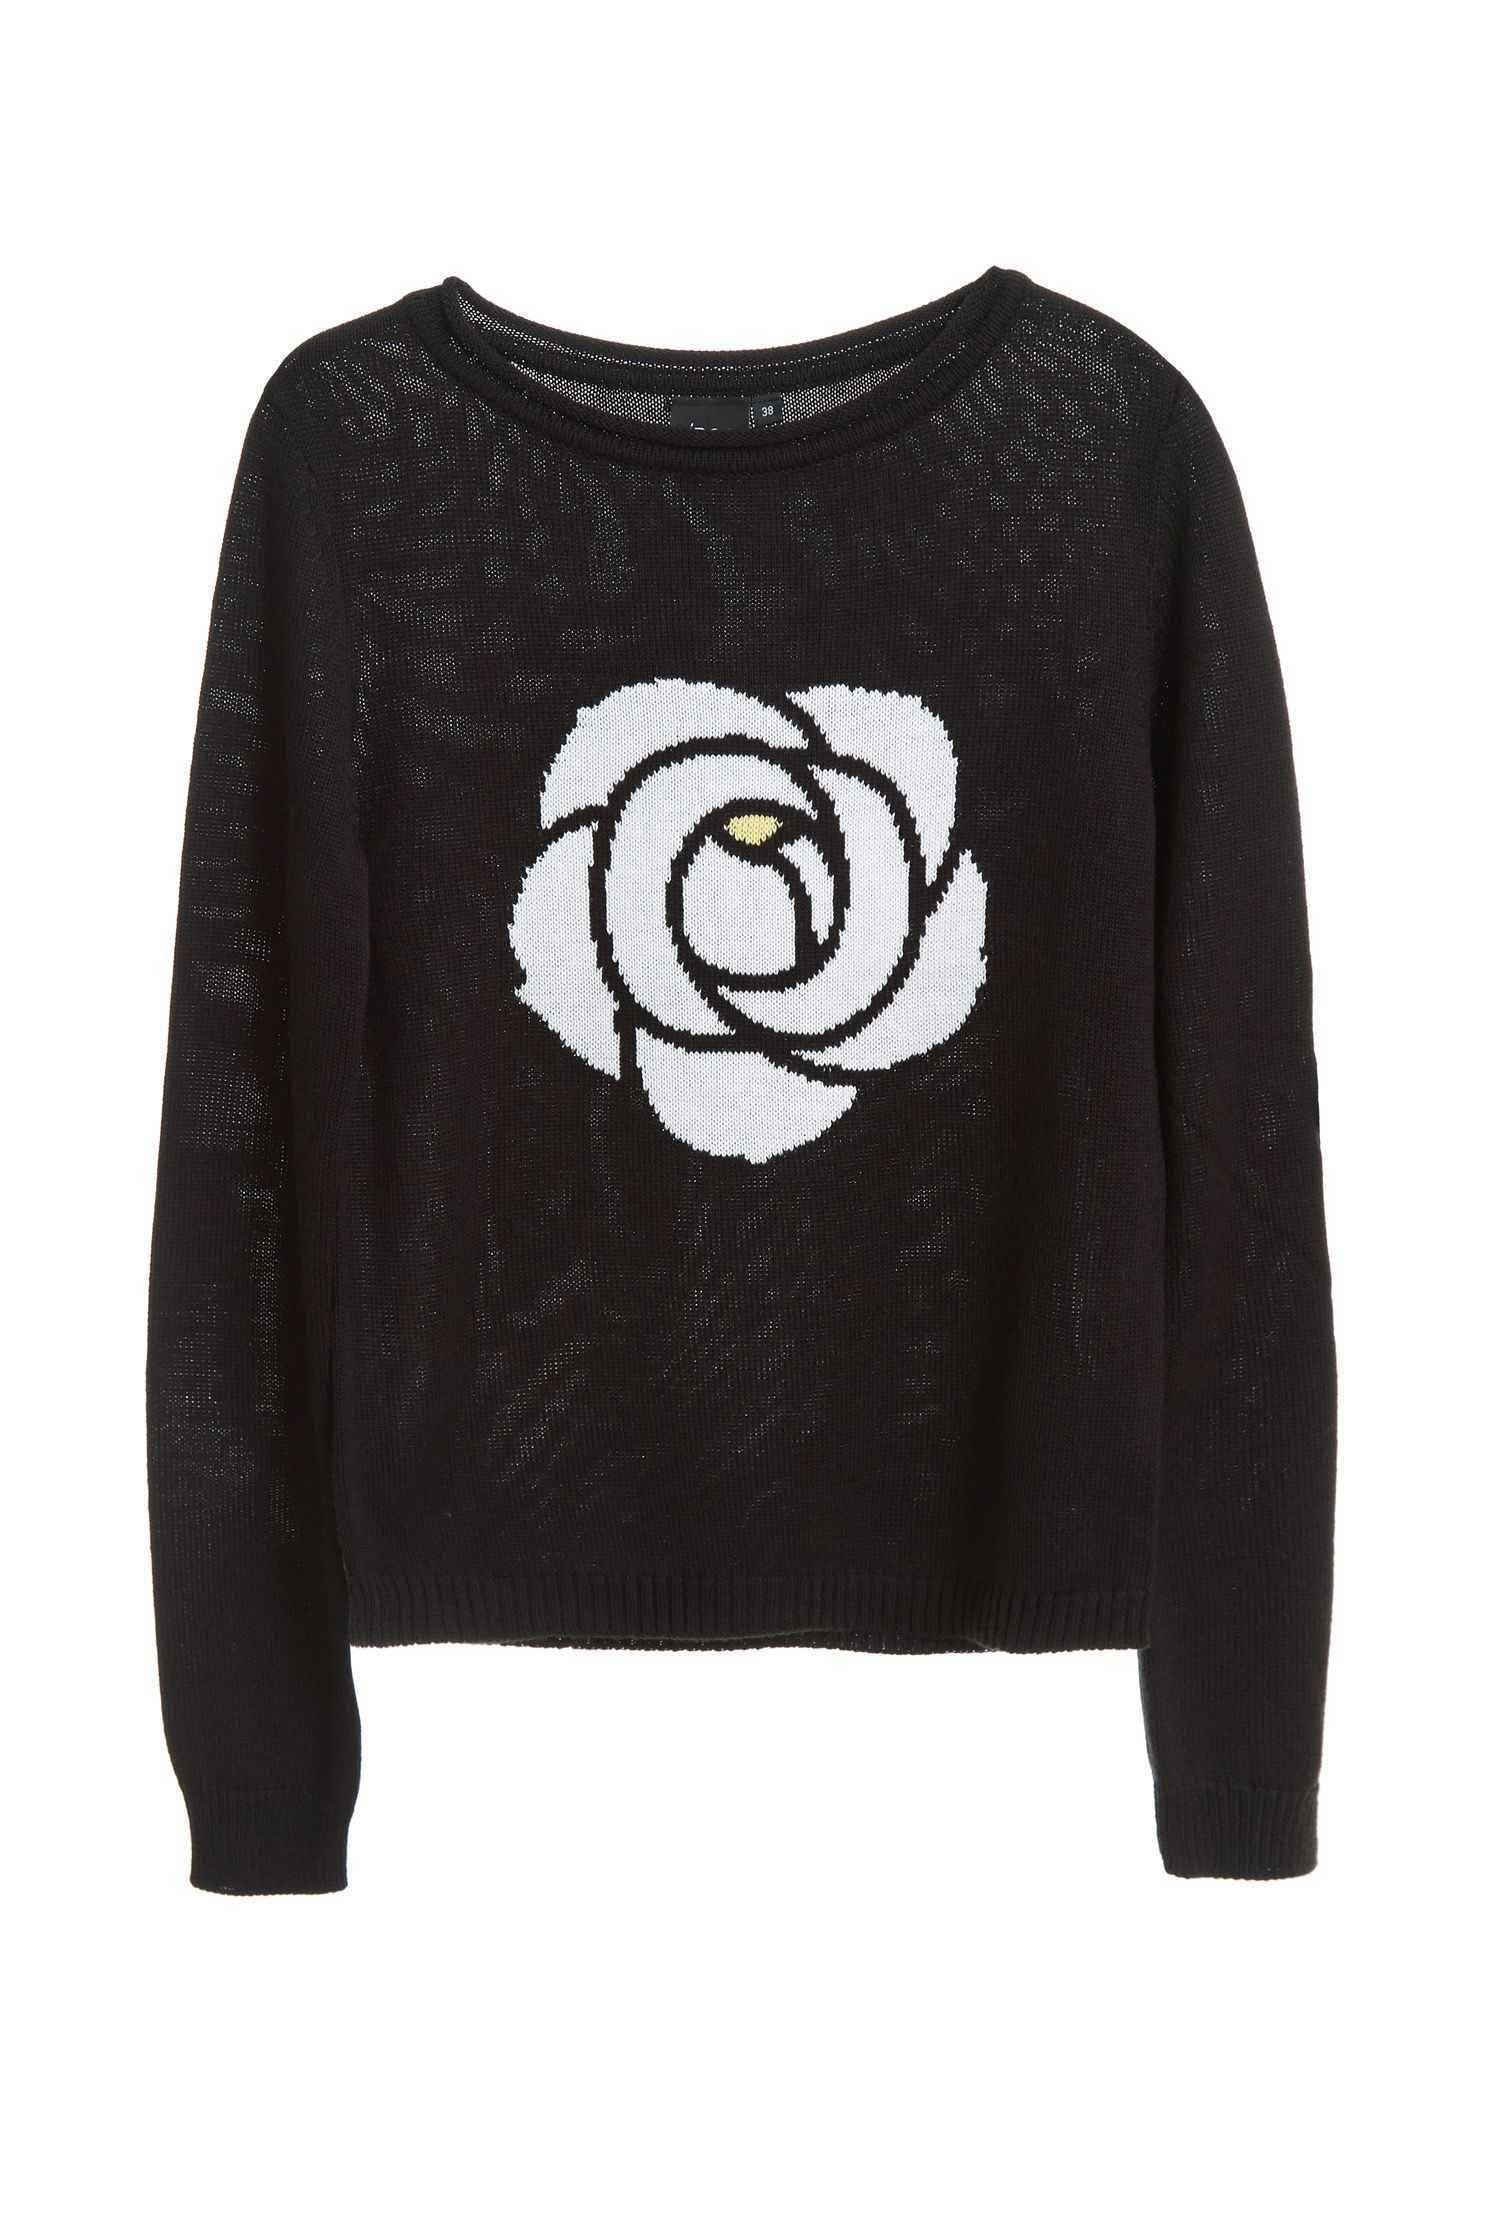 A rose sweater,roundnecktop,knitting,knittedtop,knittedtop,longsleevetop,blacktop